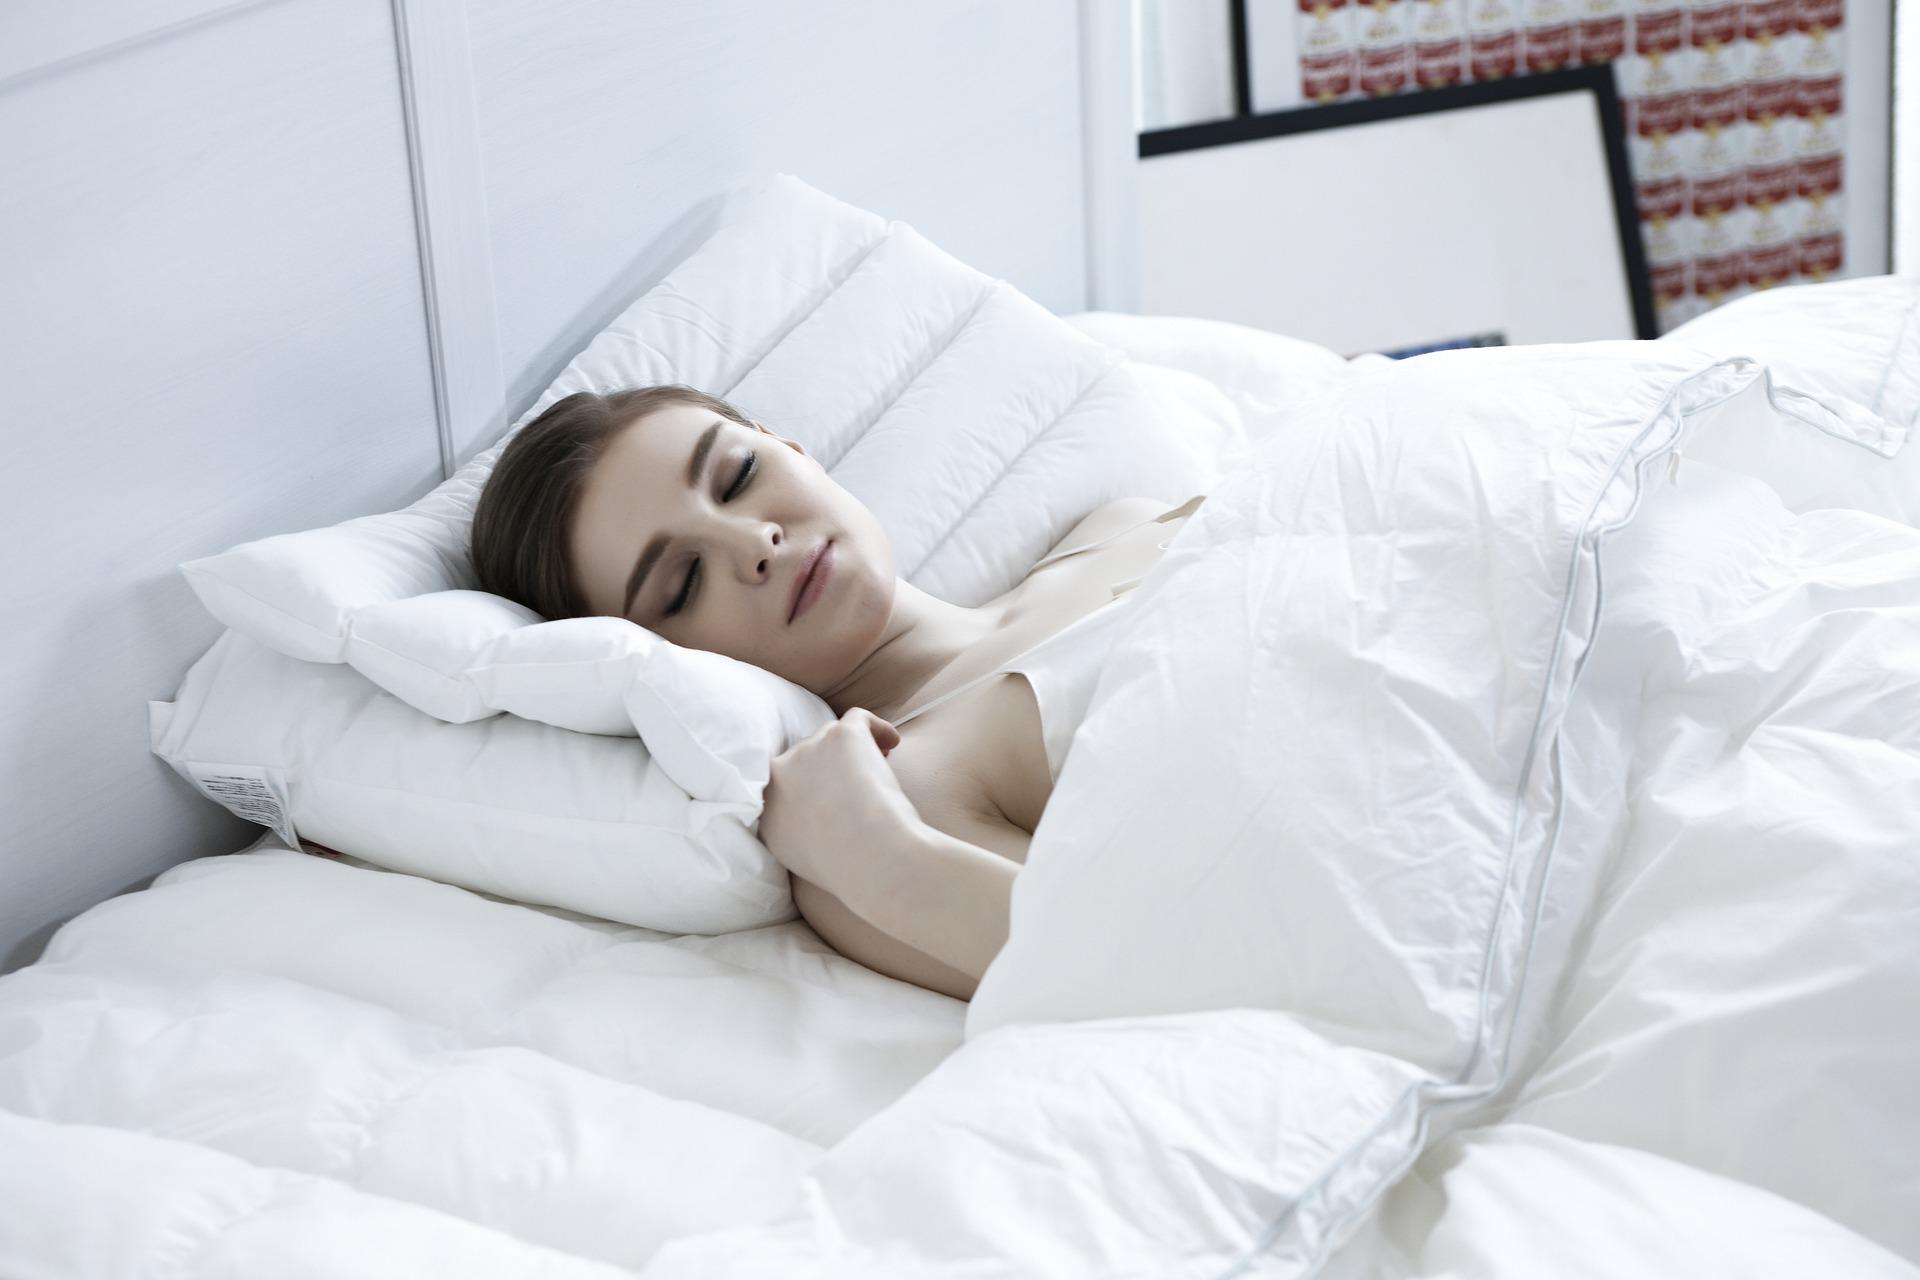 20 astuces pour s'endormir plus vite